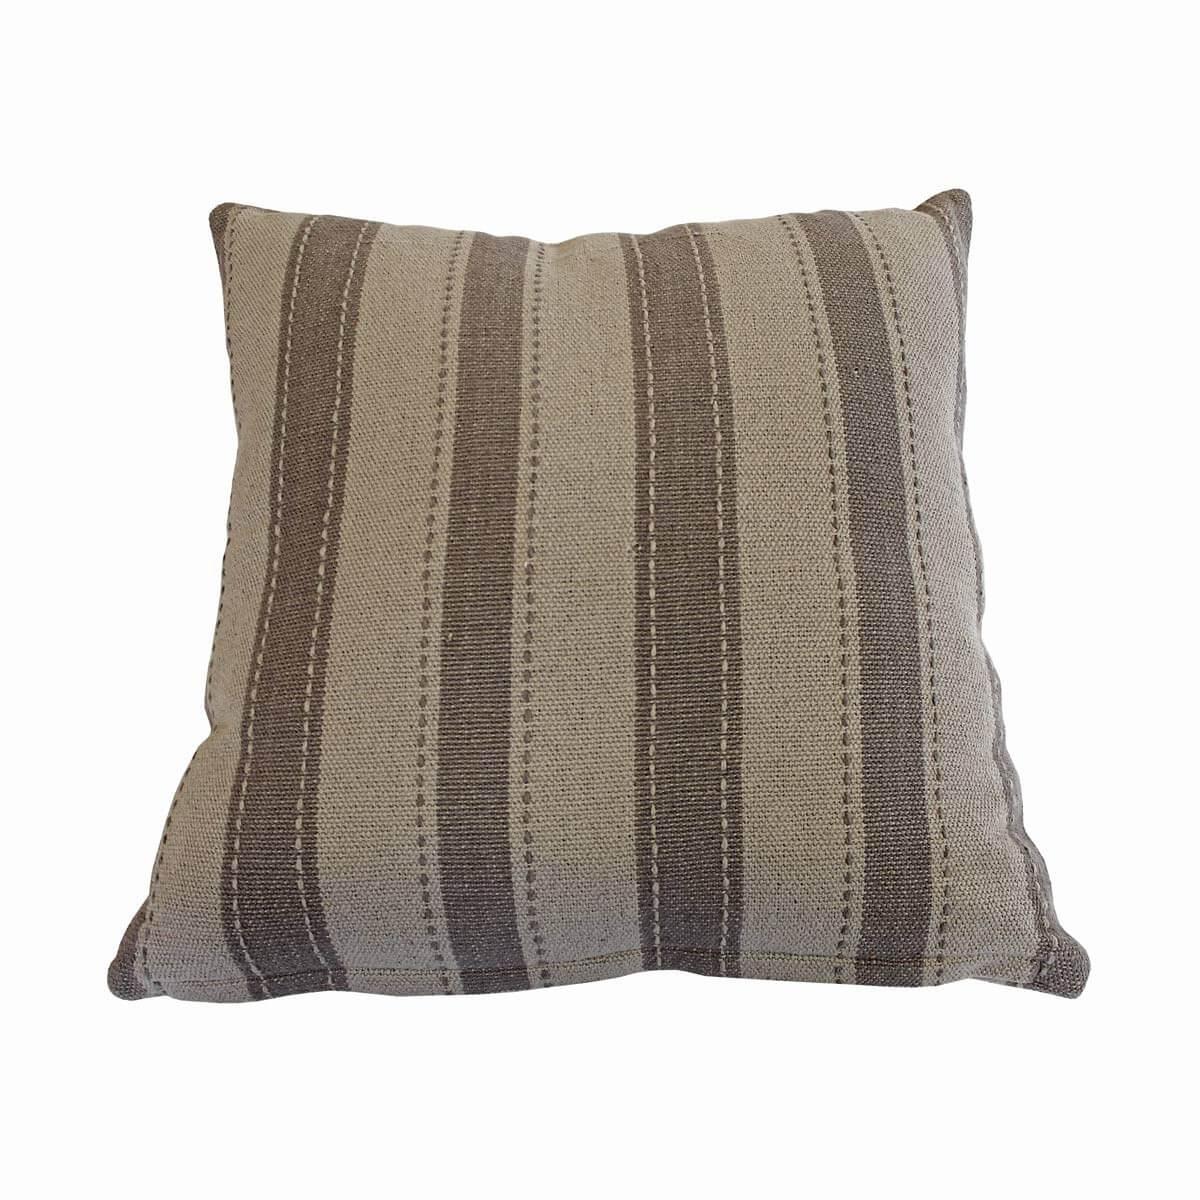 deko kissen 50 50 cm grau und dunkelgrau gestreift m bel24. Black Bedroom Furniture Sets. Home Design Ideas